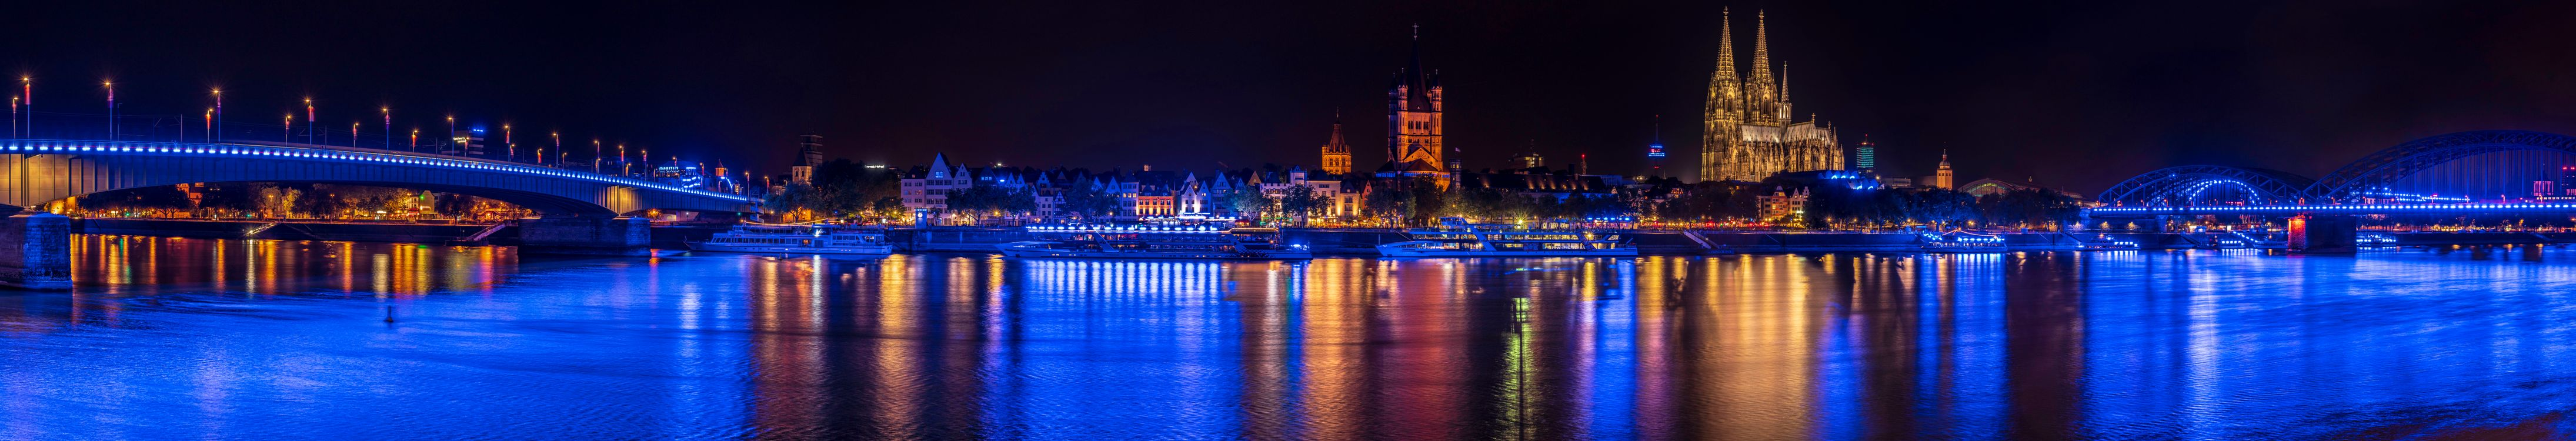 Фото бесплатно ночь, панорамный, Германия - на рабочий стол